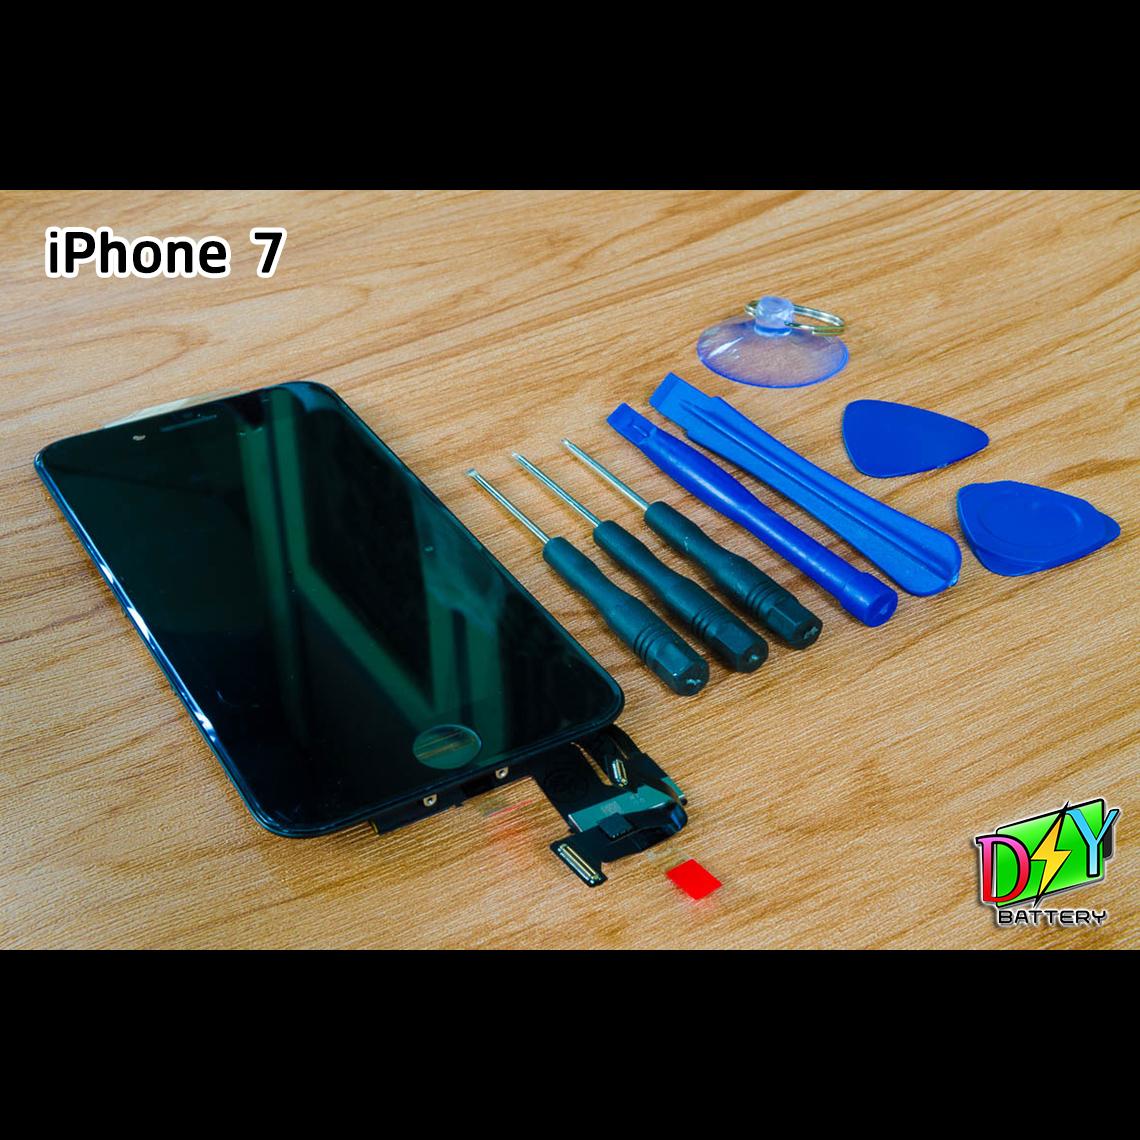 หน้าจอ iPhone 7 พร้อมชุดอุปกรณ์เปลี่ยนหน้าจอ